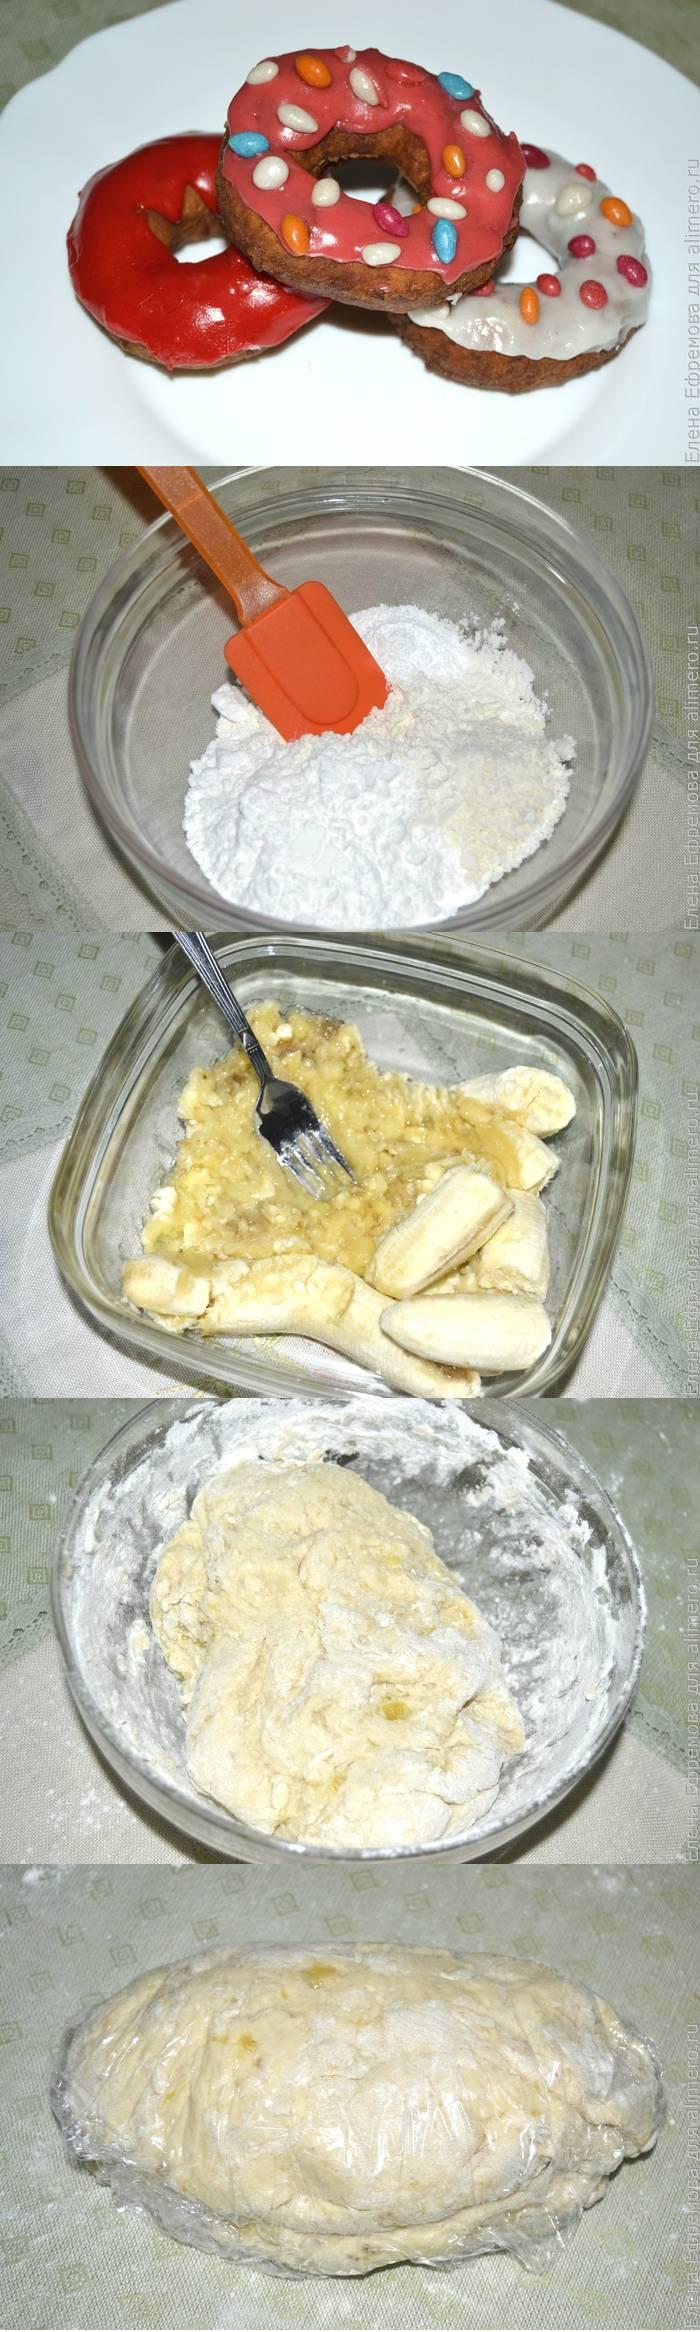 Кокосово-банановые донаты